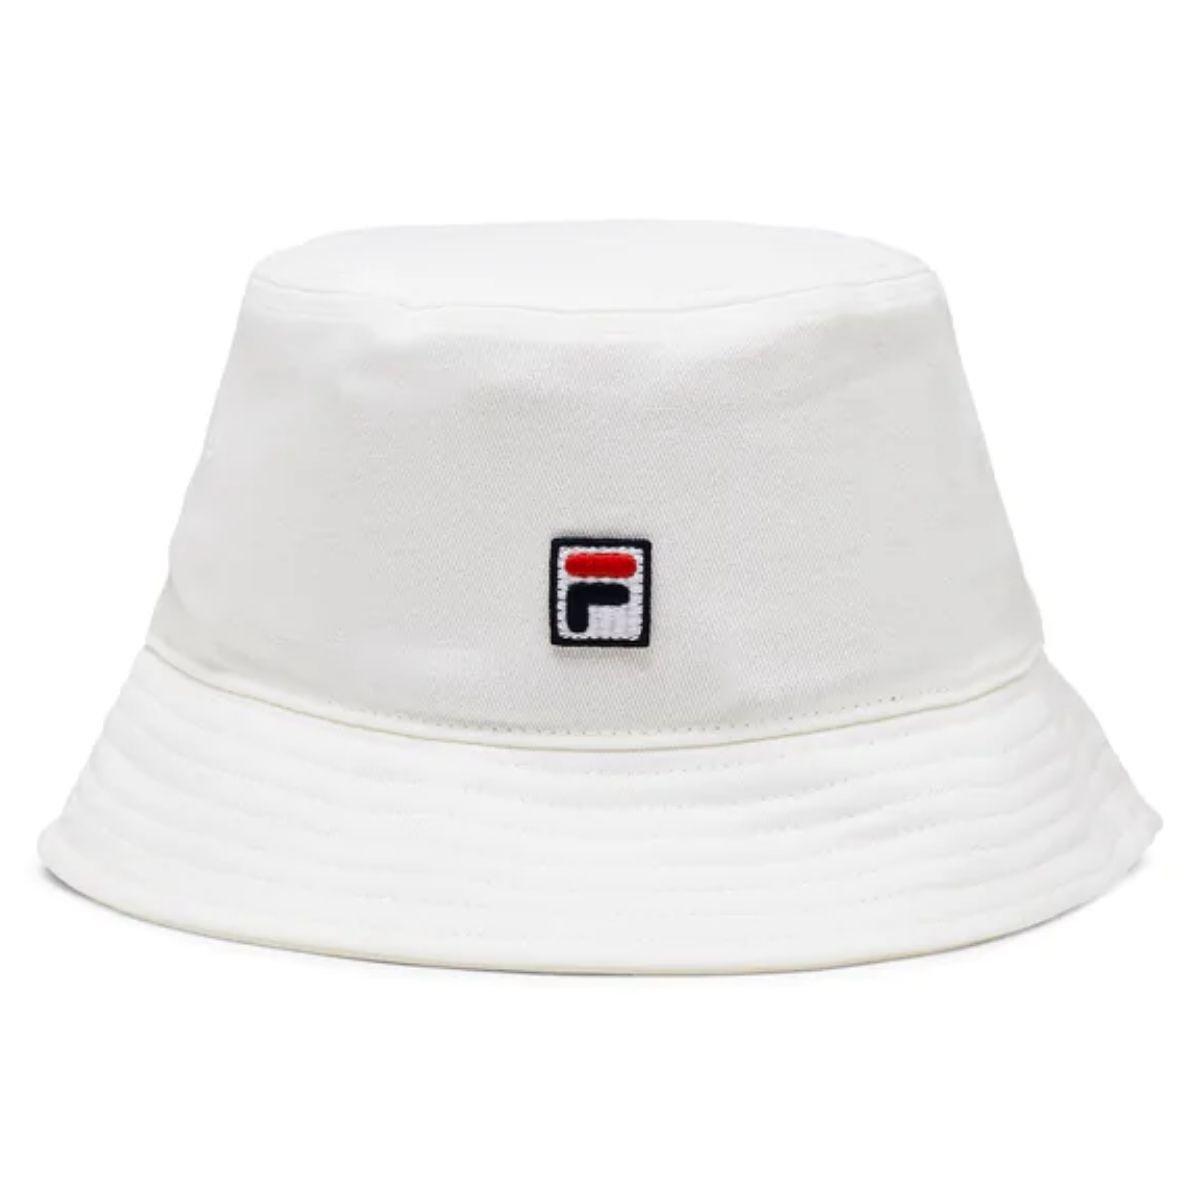 Cappello Da Pescatore Fila...